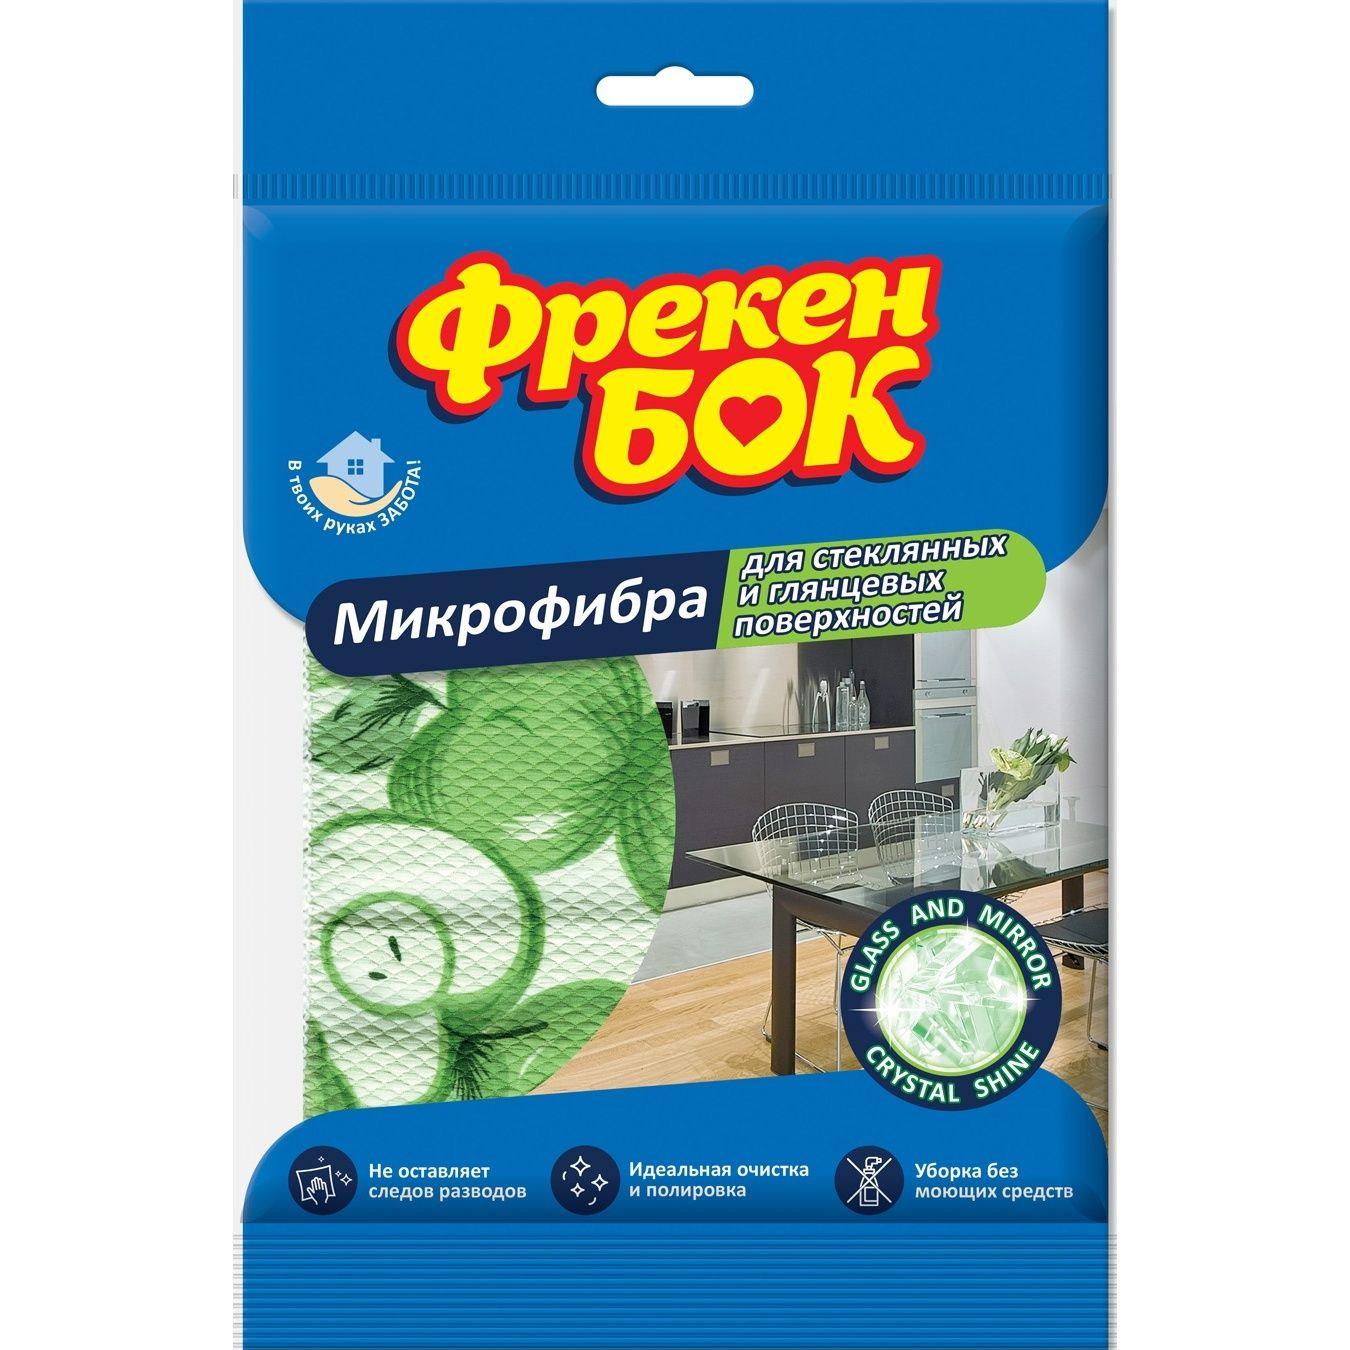 Микрофибра салфетка для стеклянных и глянцевых поверхностей, 37,5*37,5см. Фрекен Бок - фото 1